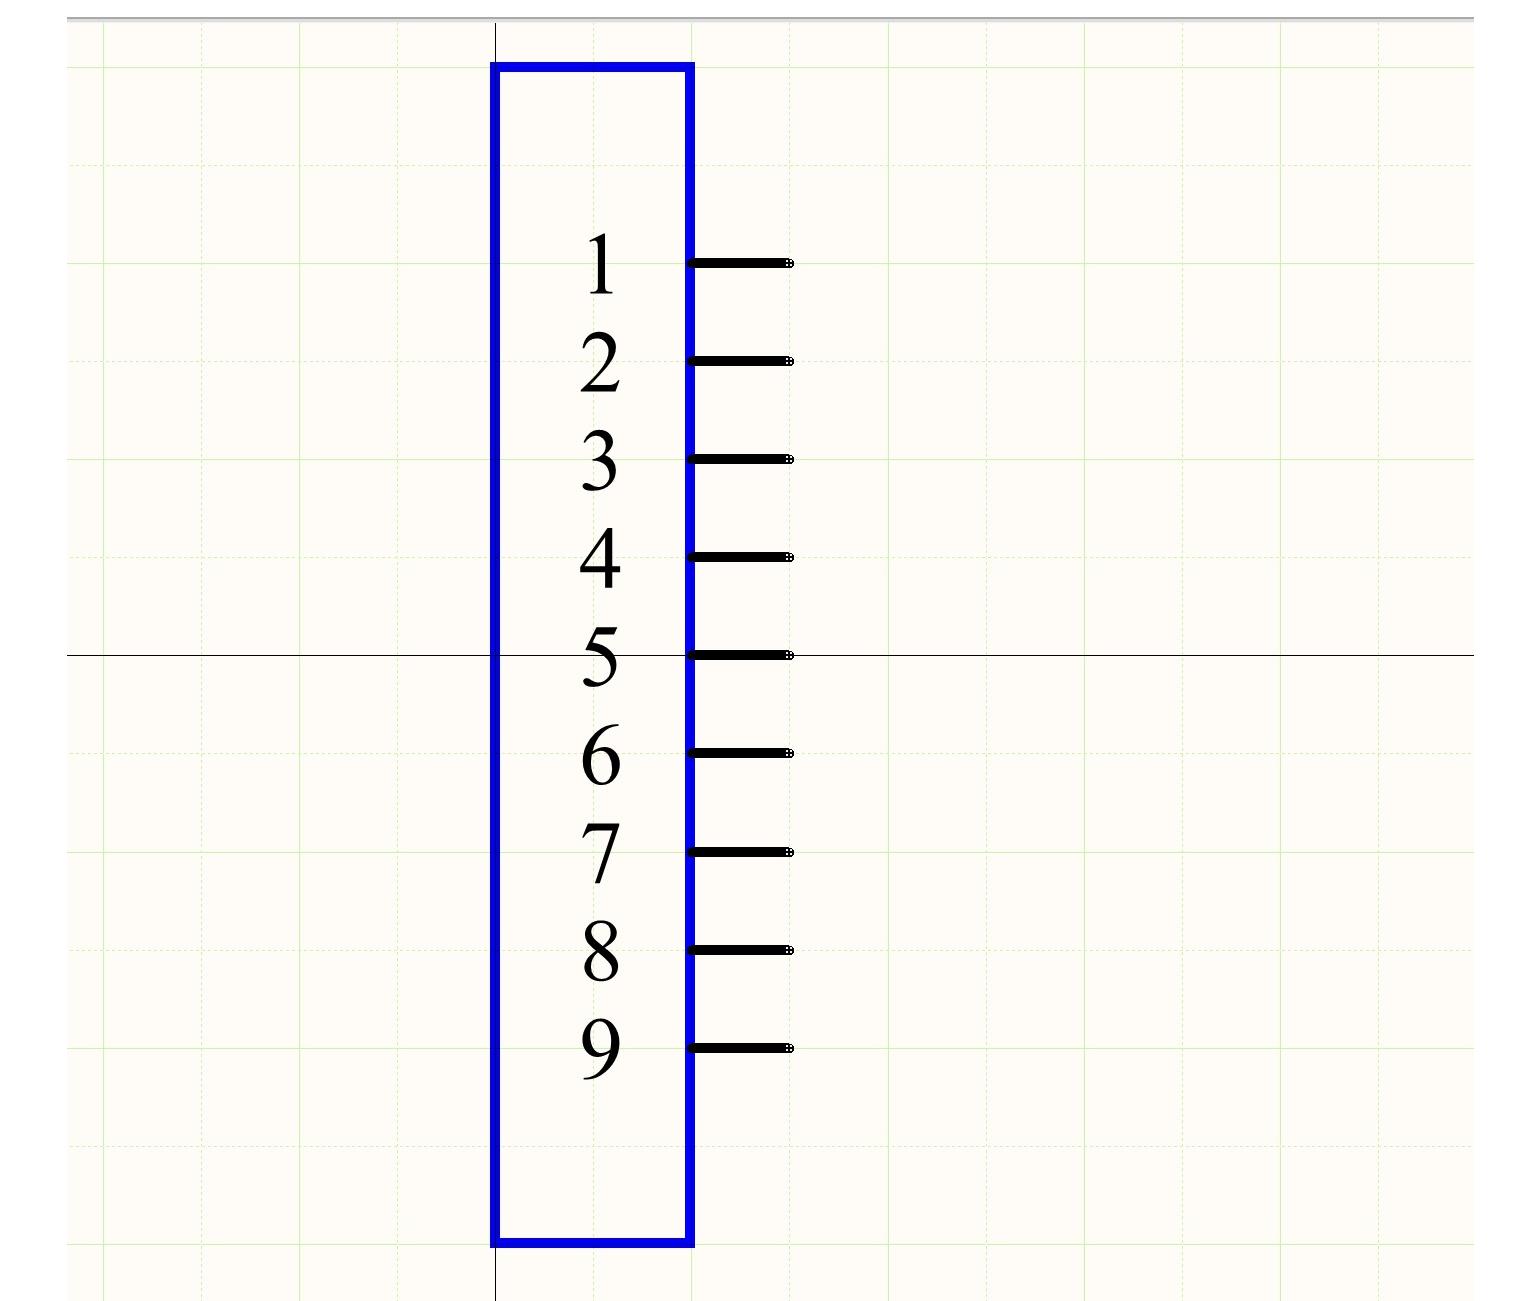 Figura 2: Símbolo esquemático de un conector